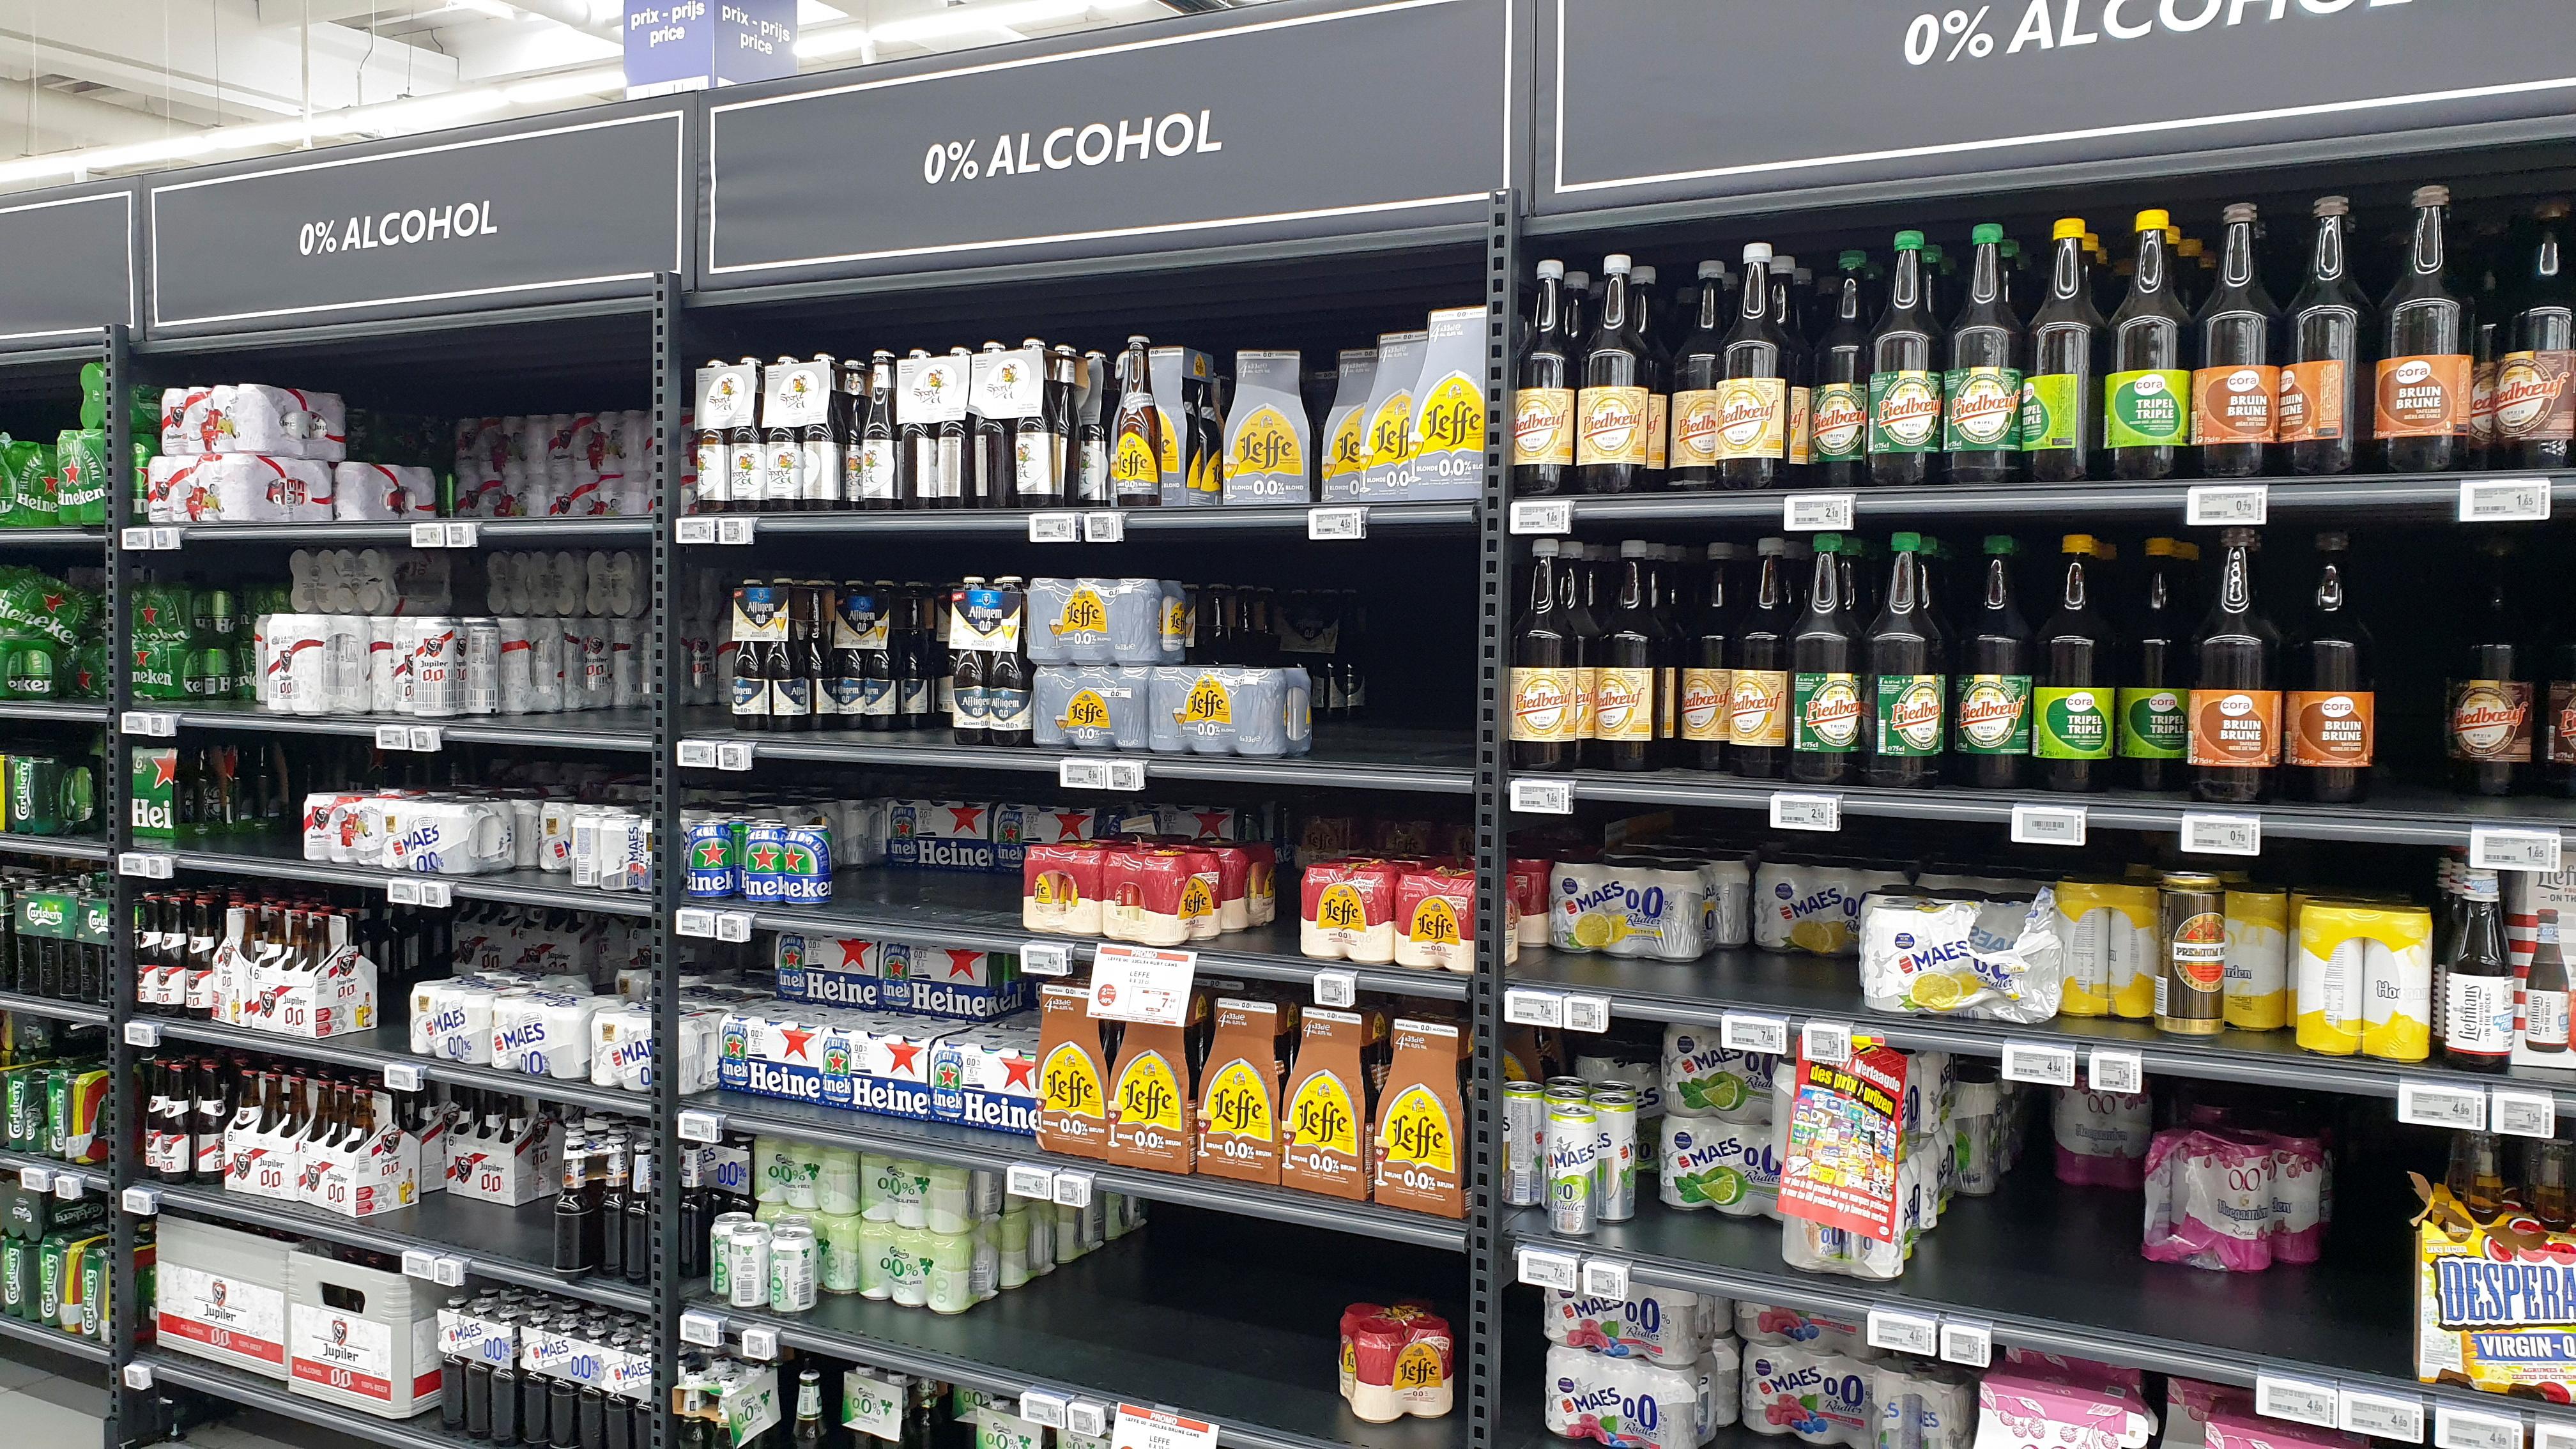 Стелажі з безалкогольним пивом можна побачити в супермаркеті в Брюсселі, Бельгія, 19 червня 2021 року. REUTERS / Філіп Бленкінсоп